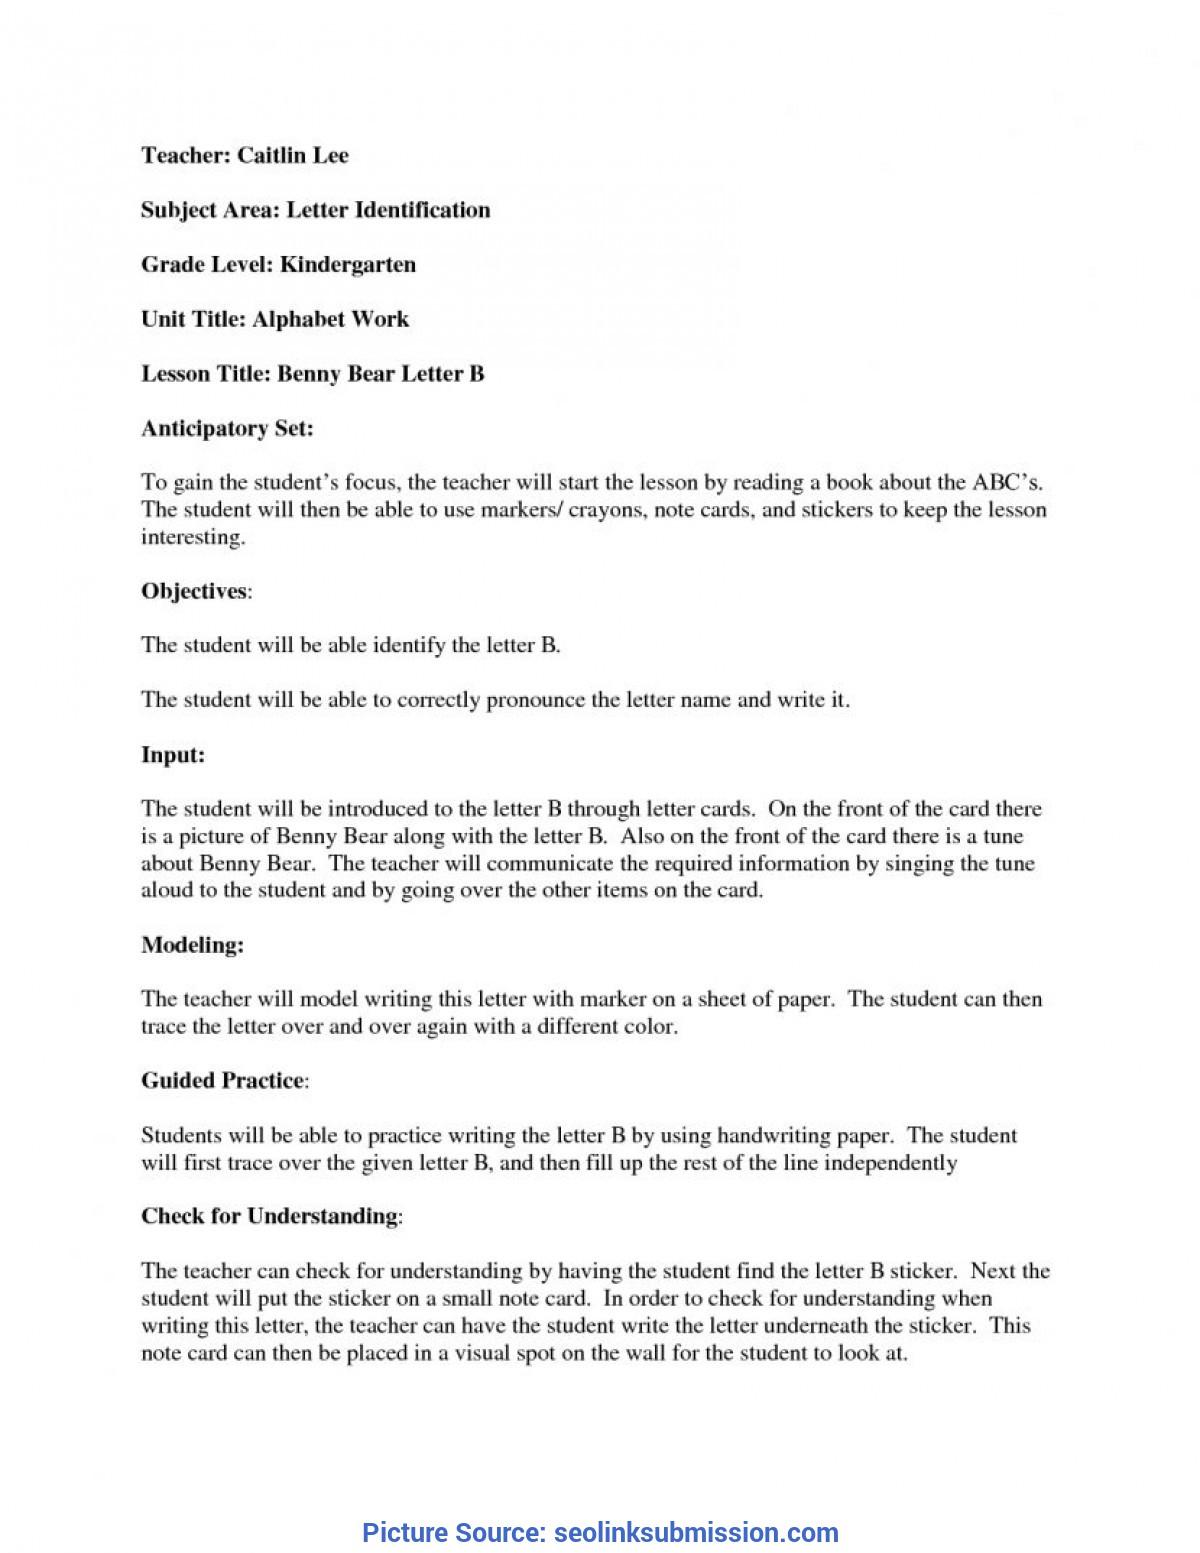 Interesting Madeline Hunter Lesson Plan Example Kindergarten in Madeline Hunter Lesson Plan Blank Template